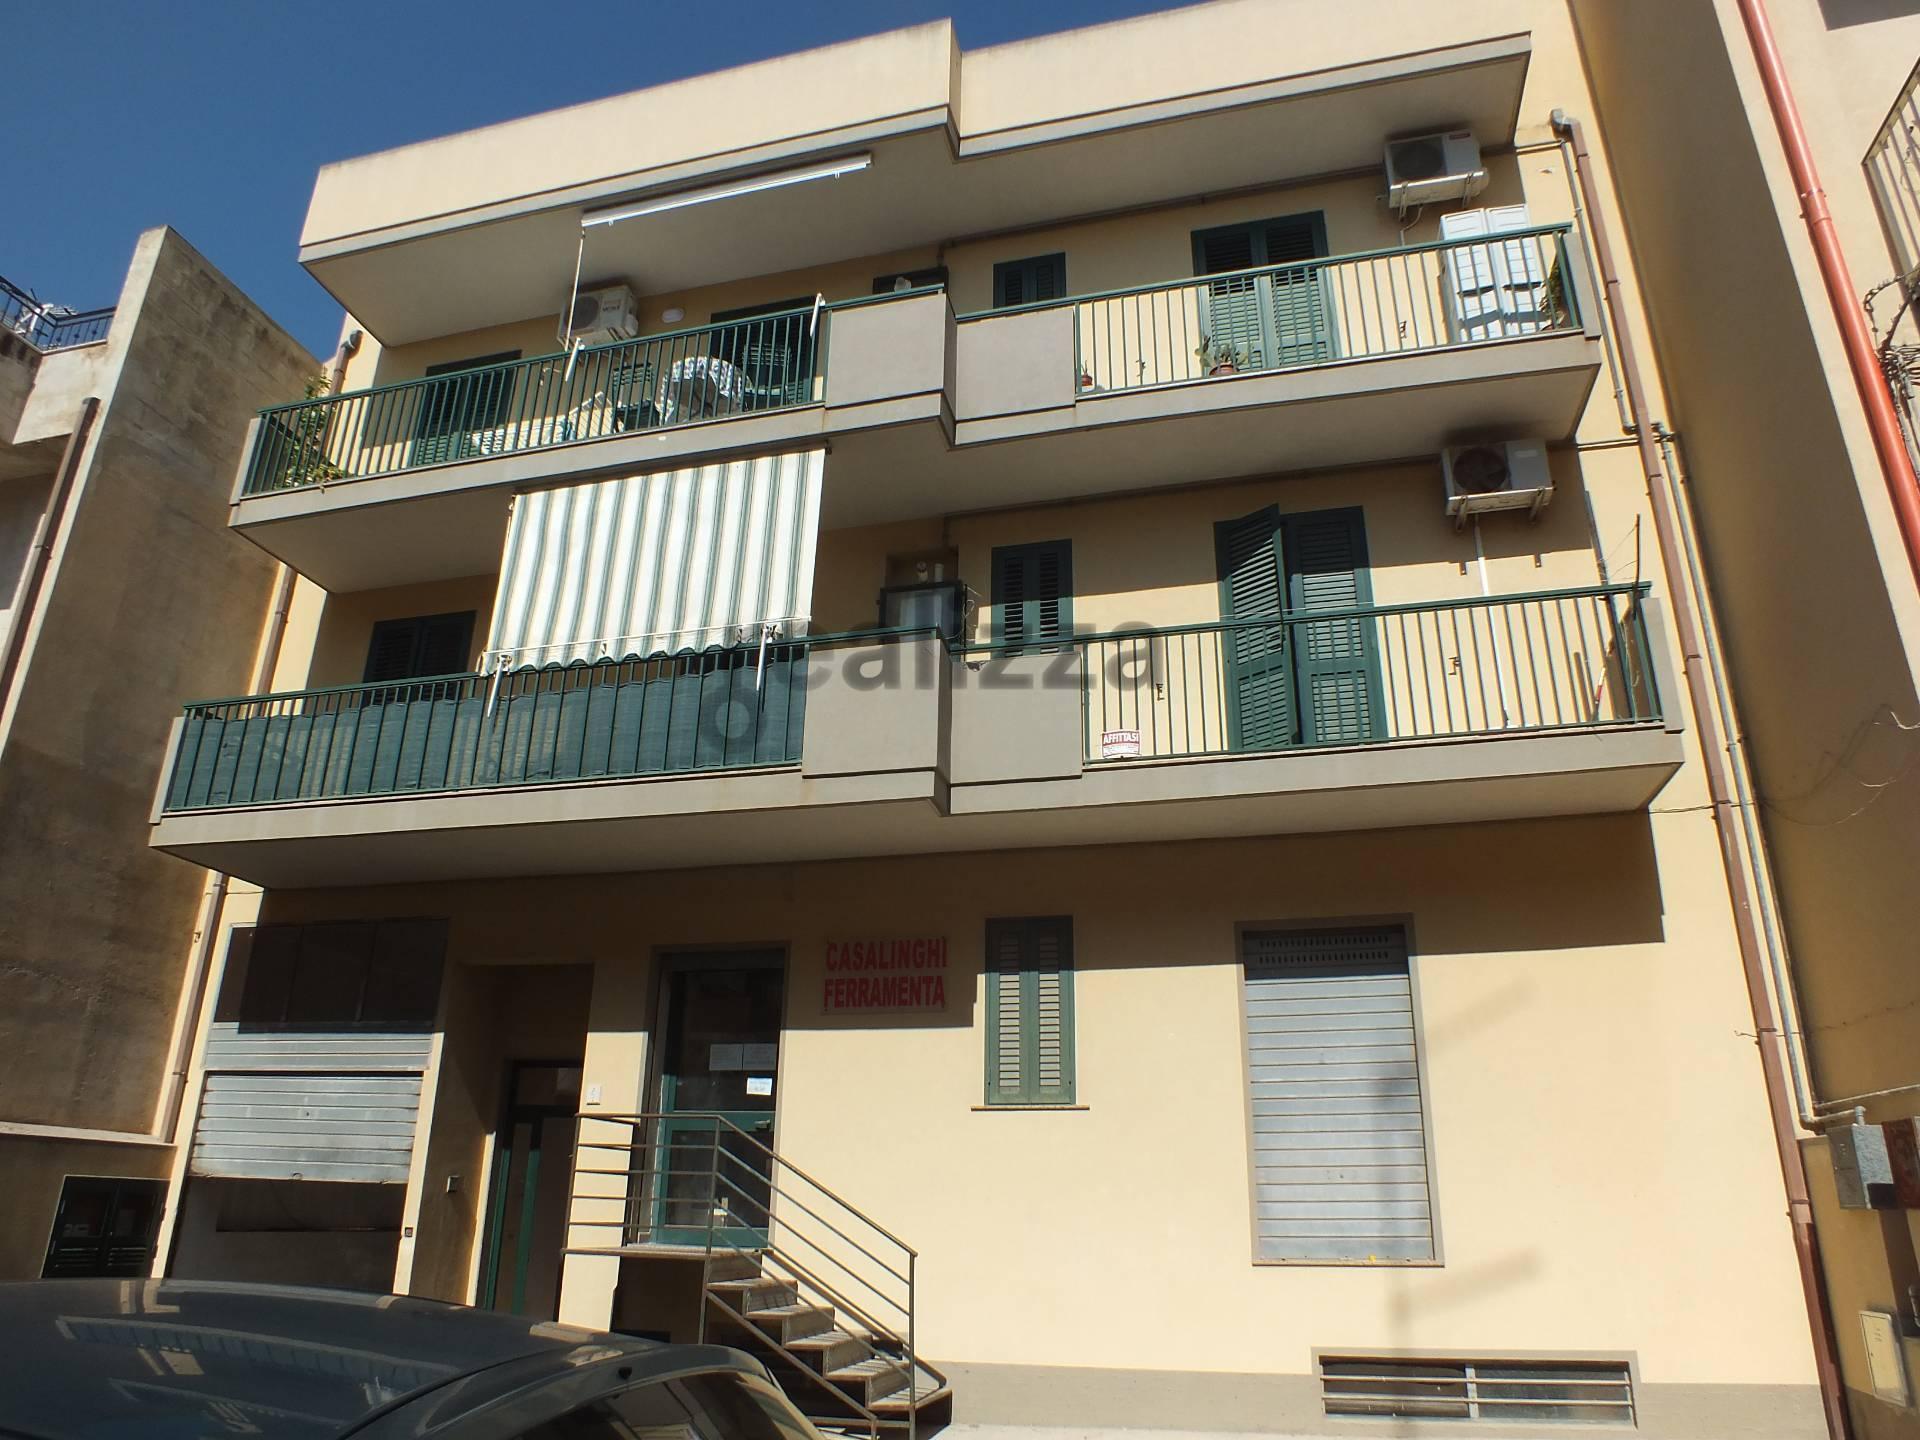 Appartamento in vendita a Pozzallo, 5 locali, prezzo € 145.000   PortaleAgenzieImmobiliari.it